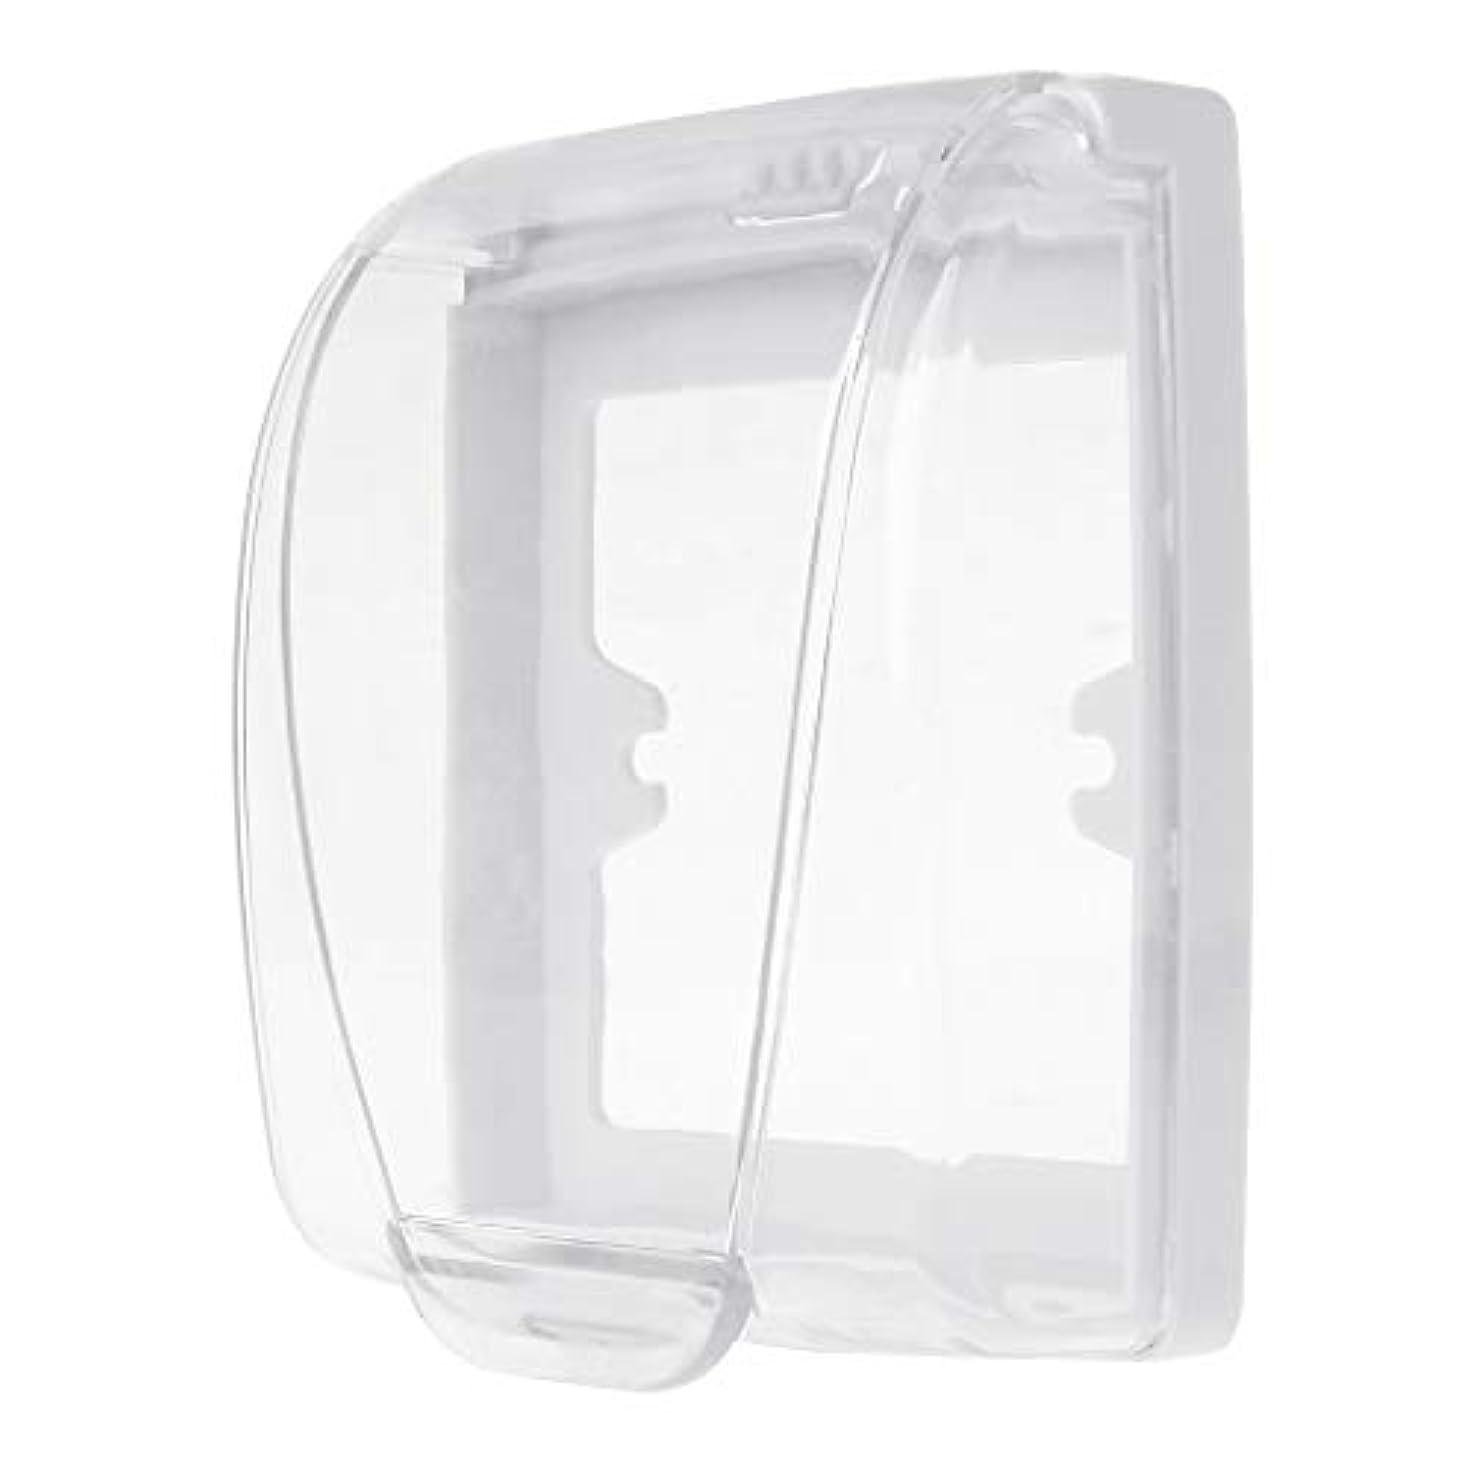 ウェイトレスくさび馬鹿Lamdooプラスチック壁防水カバーボックス壁ライトパネルソケットドアベルフリップキャップカバークリア浴室キッチンアクセサリー